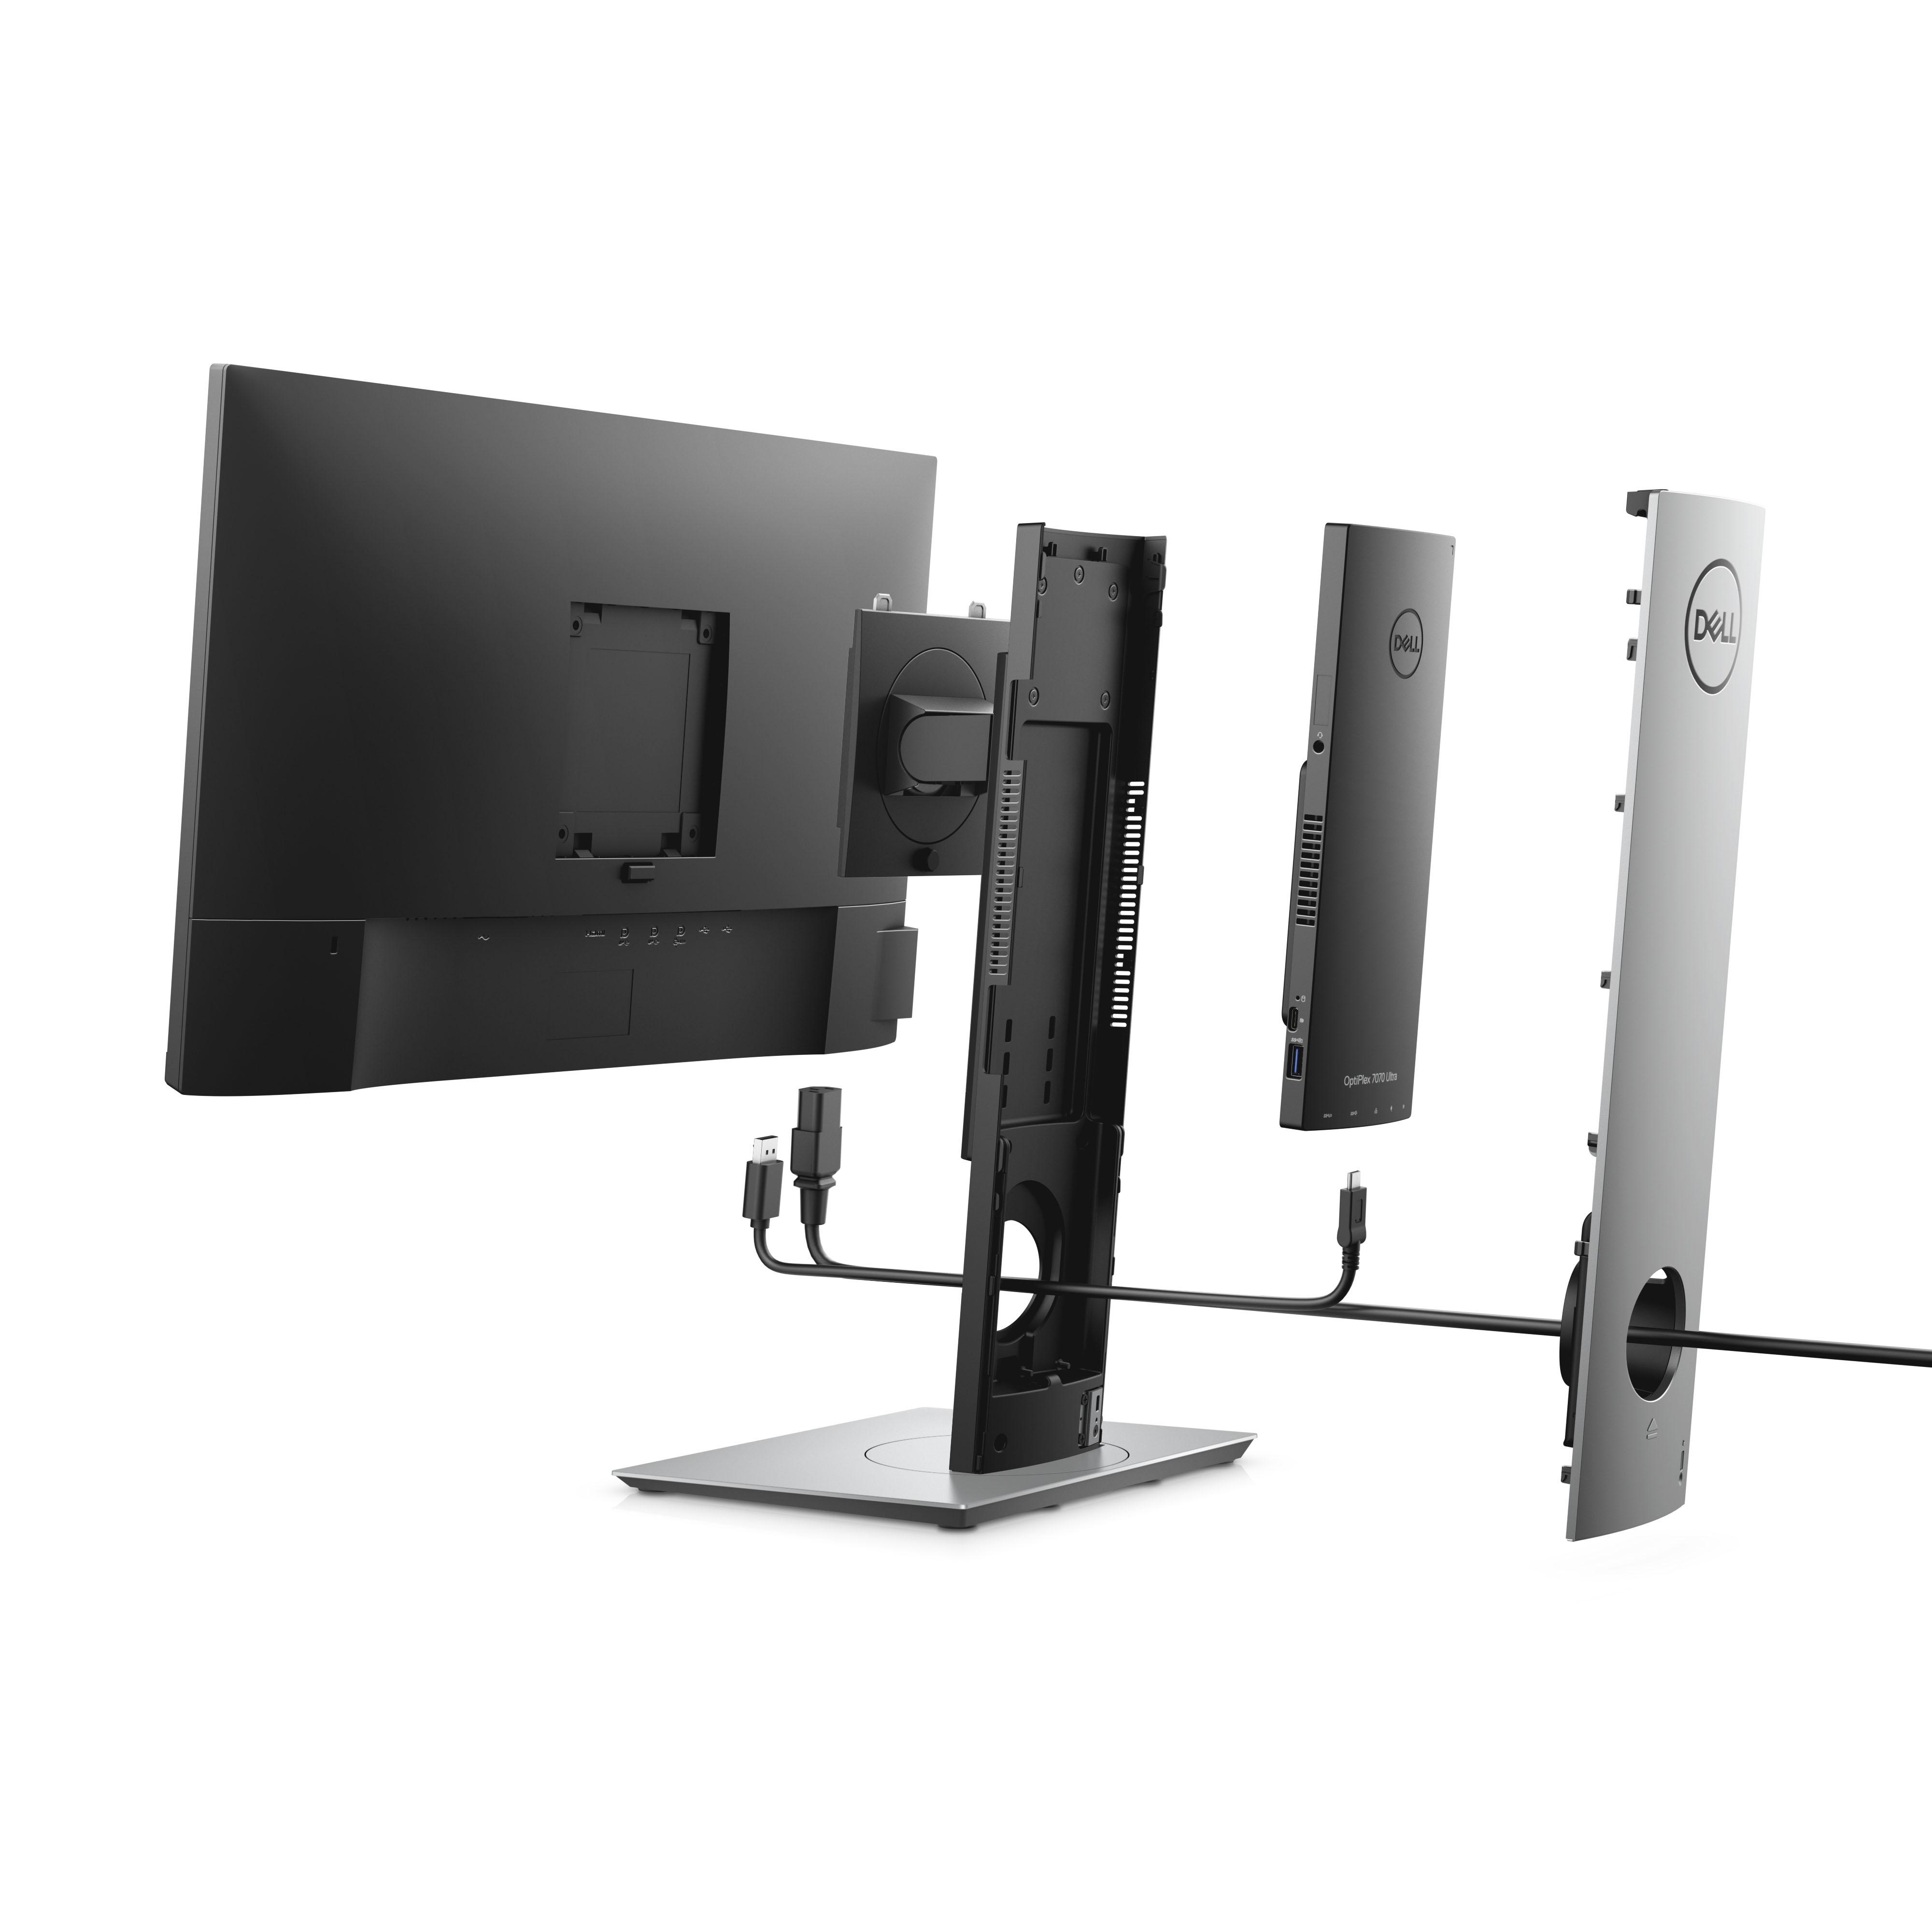 Un PC tout-en-un modulaire et minimaliste : voici le Dell OptiPlex 7070 Ultra